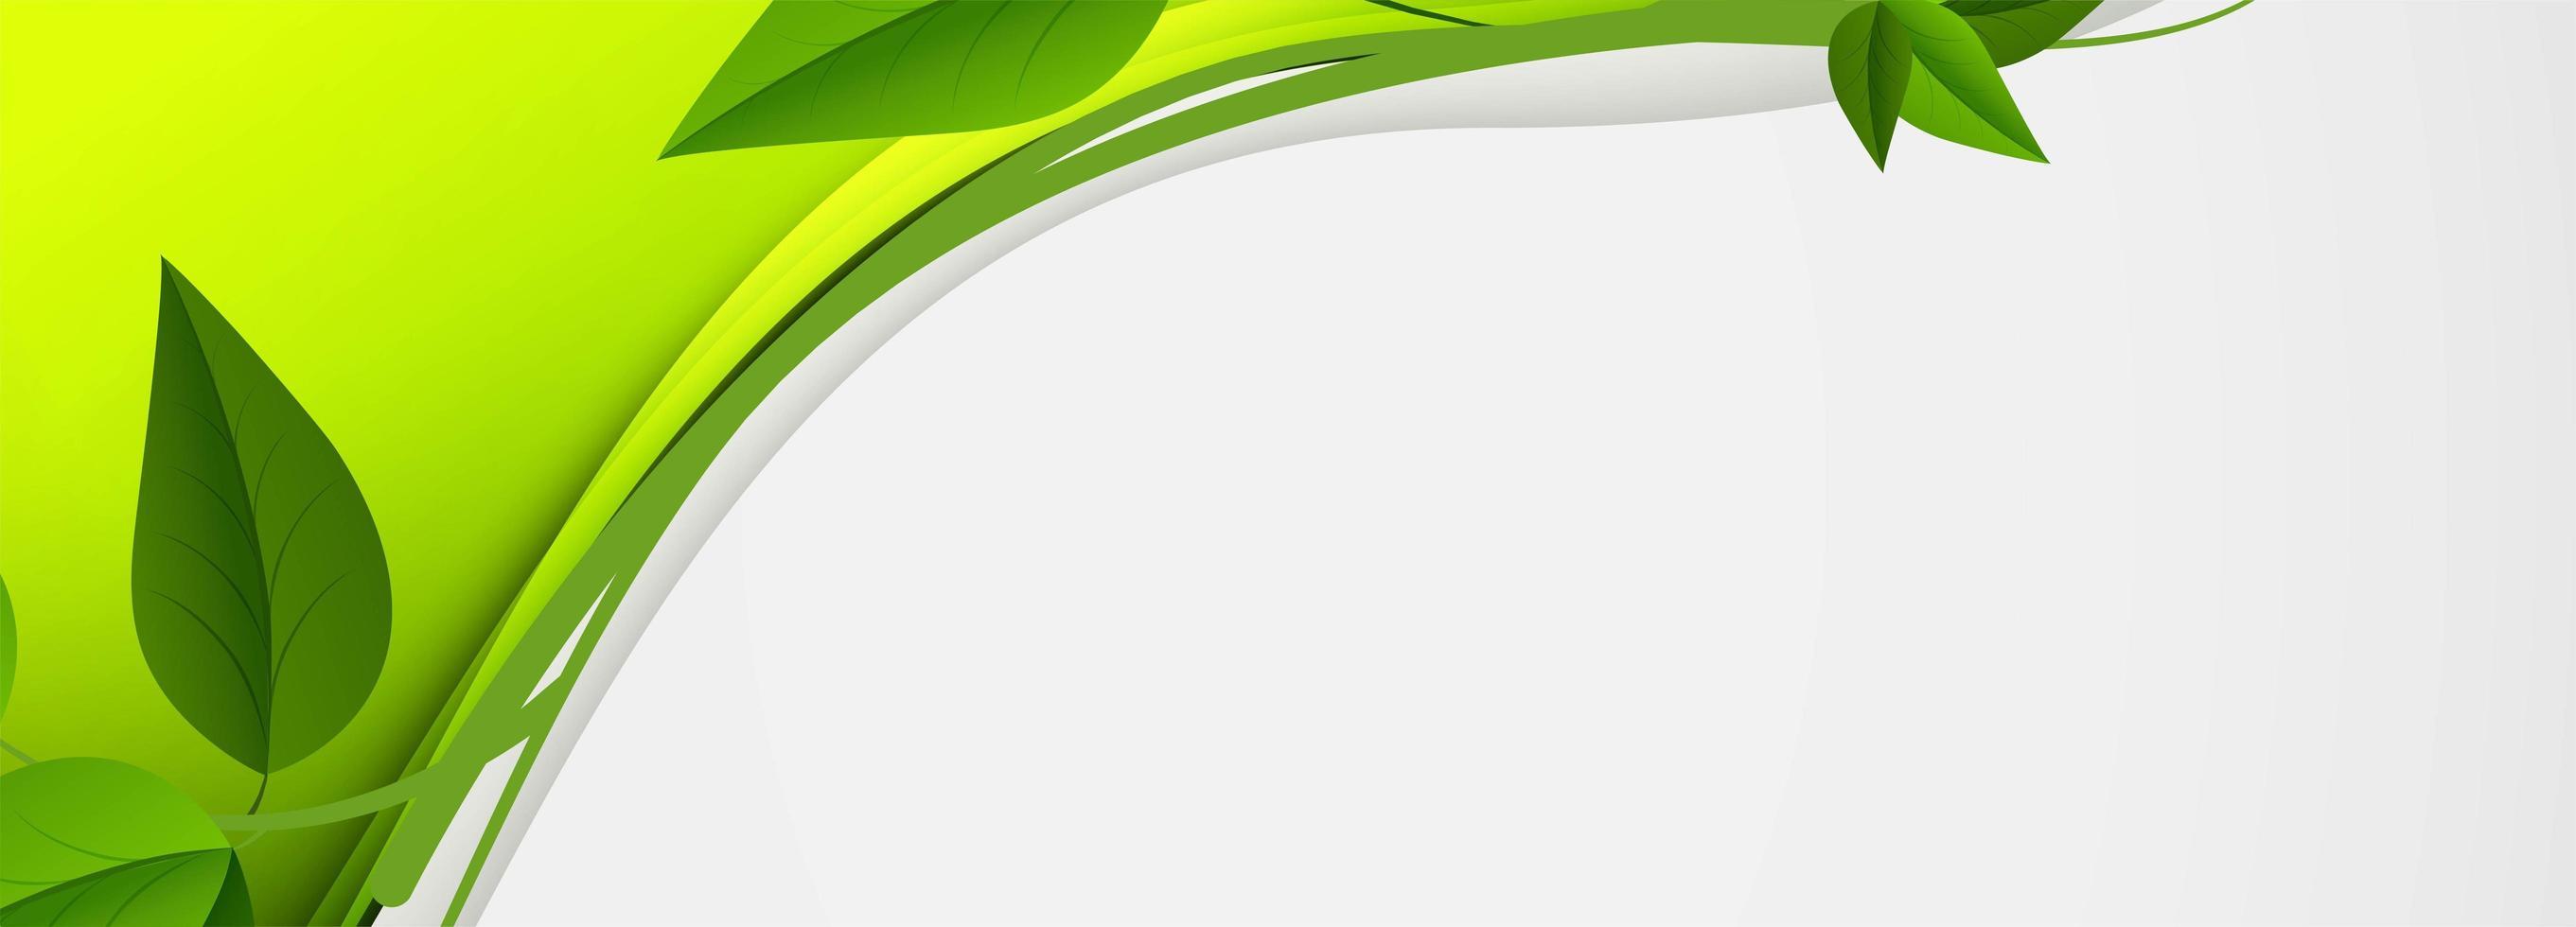 bannière de vague abstraite feuilles de vigne verte vecteur